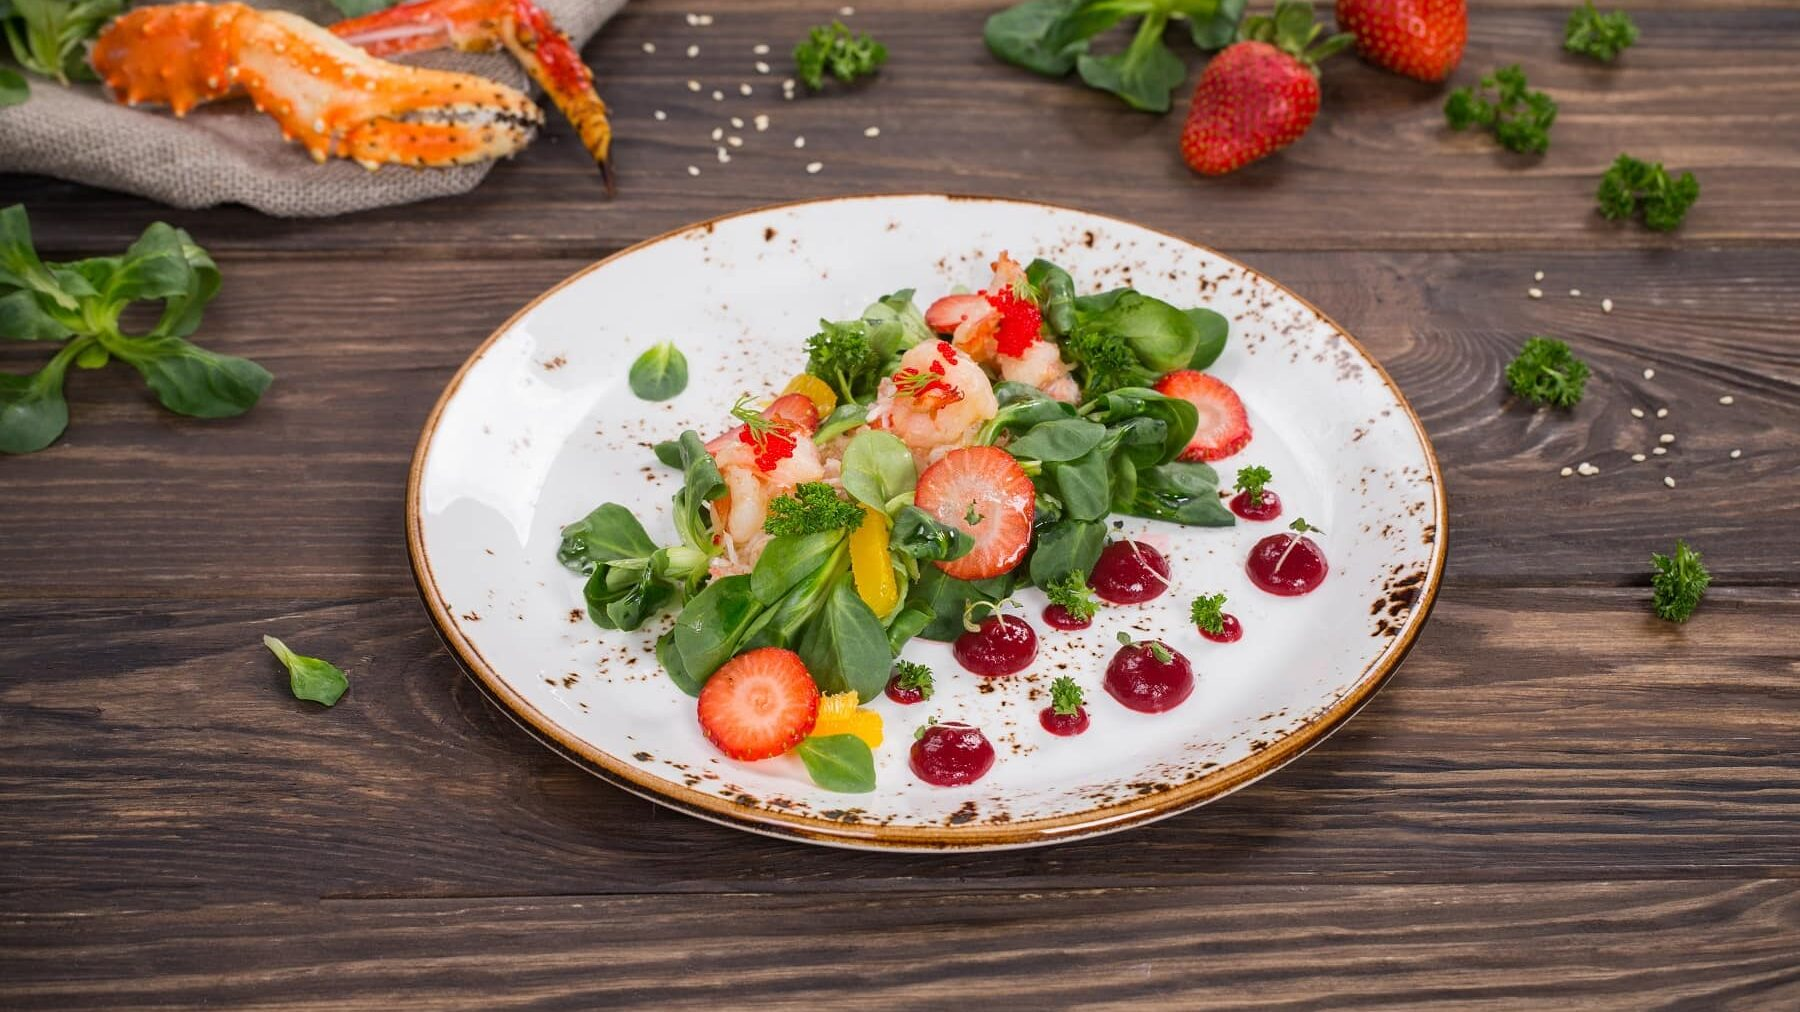 Ein weißer Teler mit Shrimpsalat mit Erdbeeren steht auf einem braunen Tisch. Auf dem Tisch liegen noch Krabben, Salat, Petersilie und Erdbeeren.